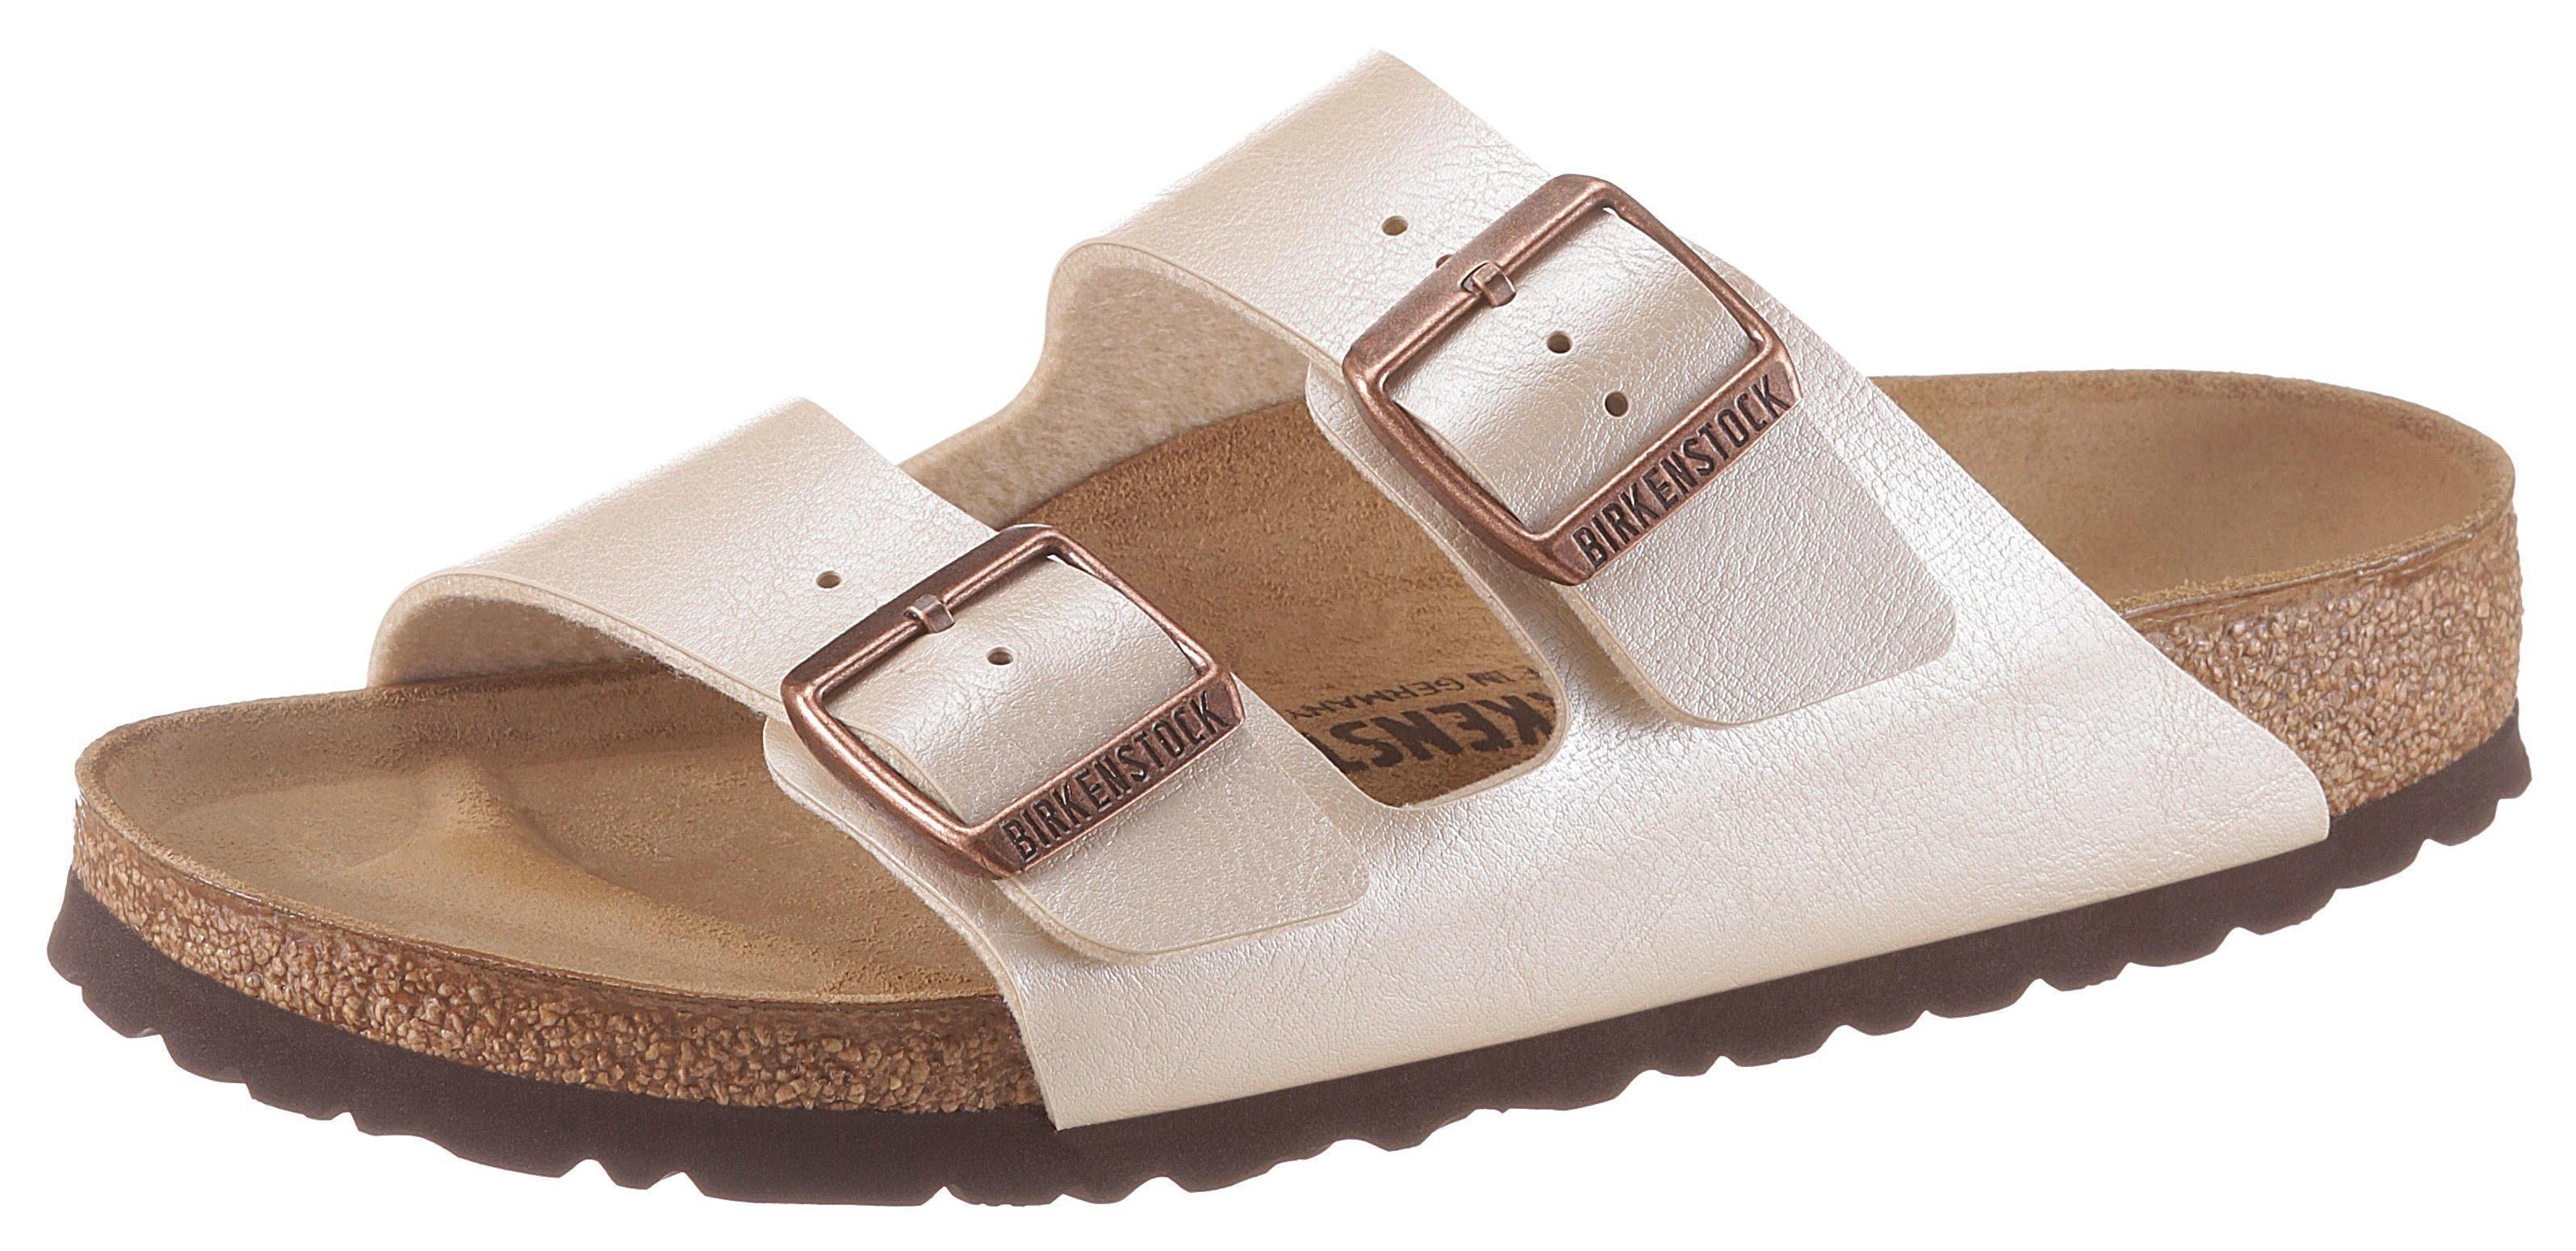 Birkenstock »ARIZONA« Pantolette mit vorgeformtem Fußbett, Schuhweite: schmal online kaufen | OTTO